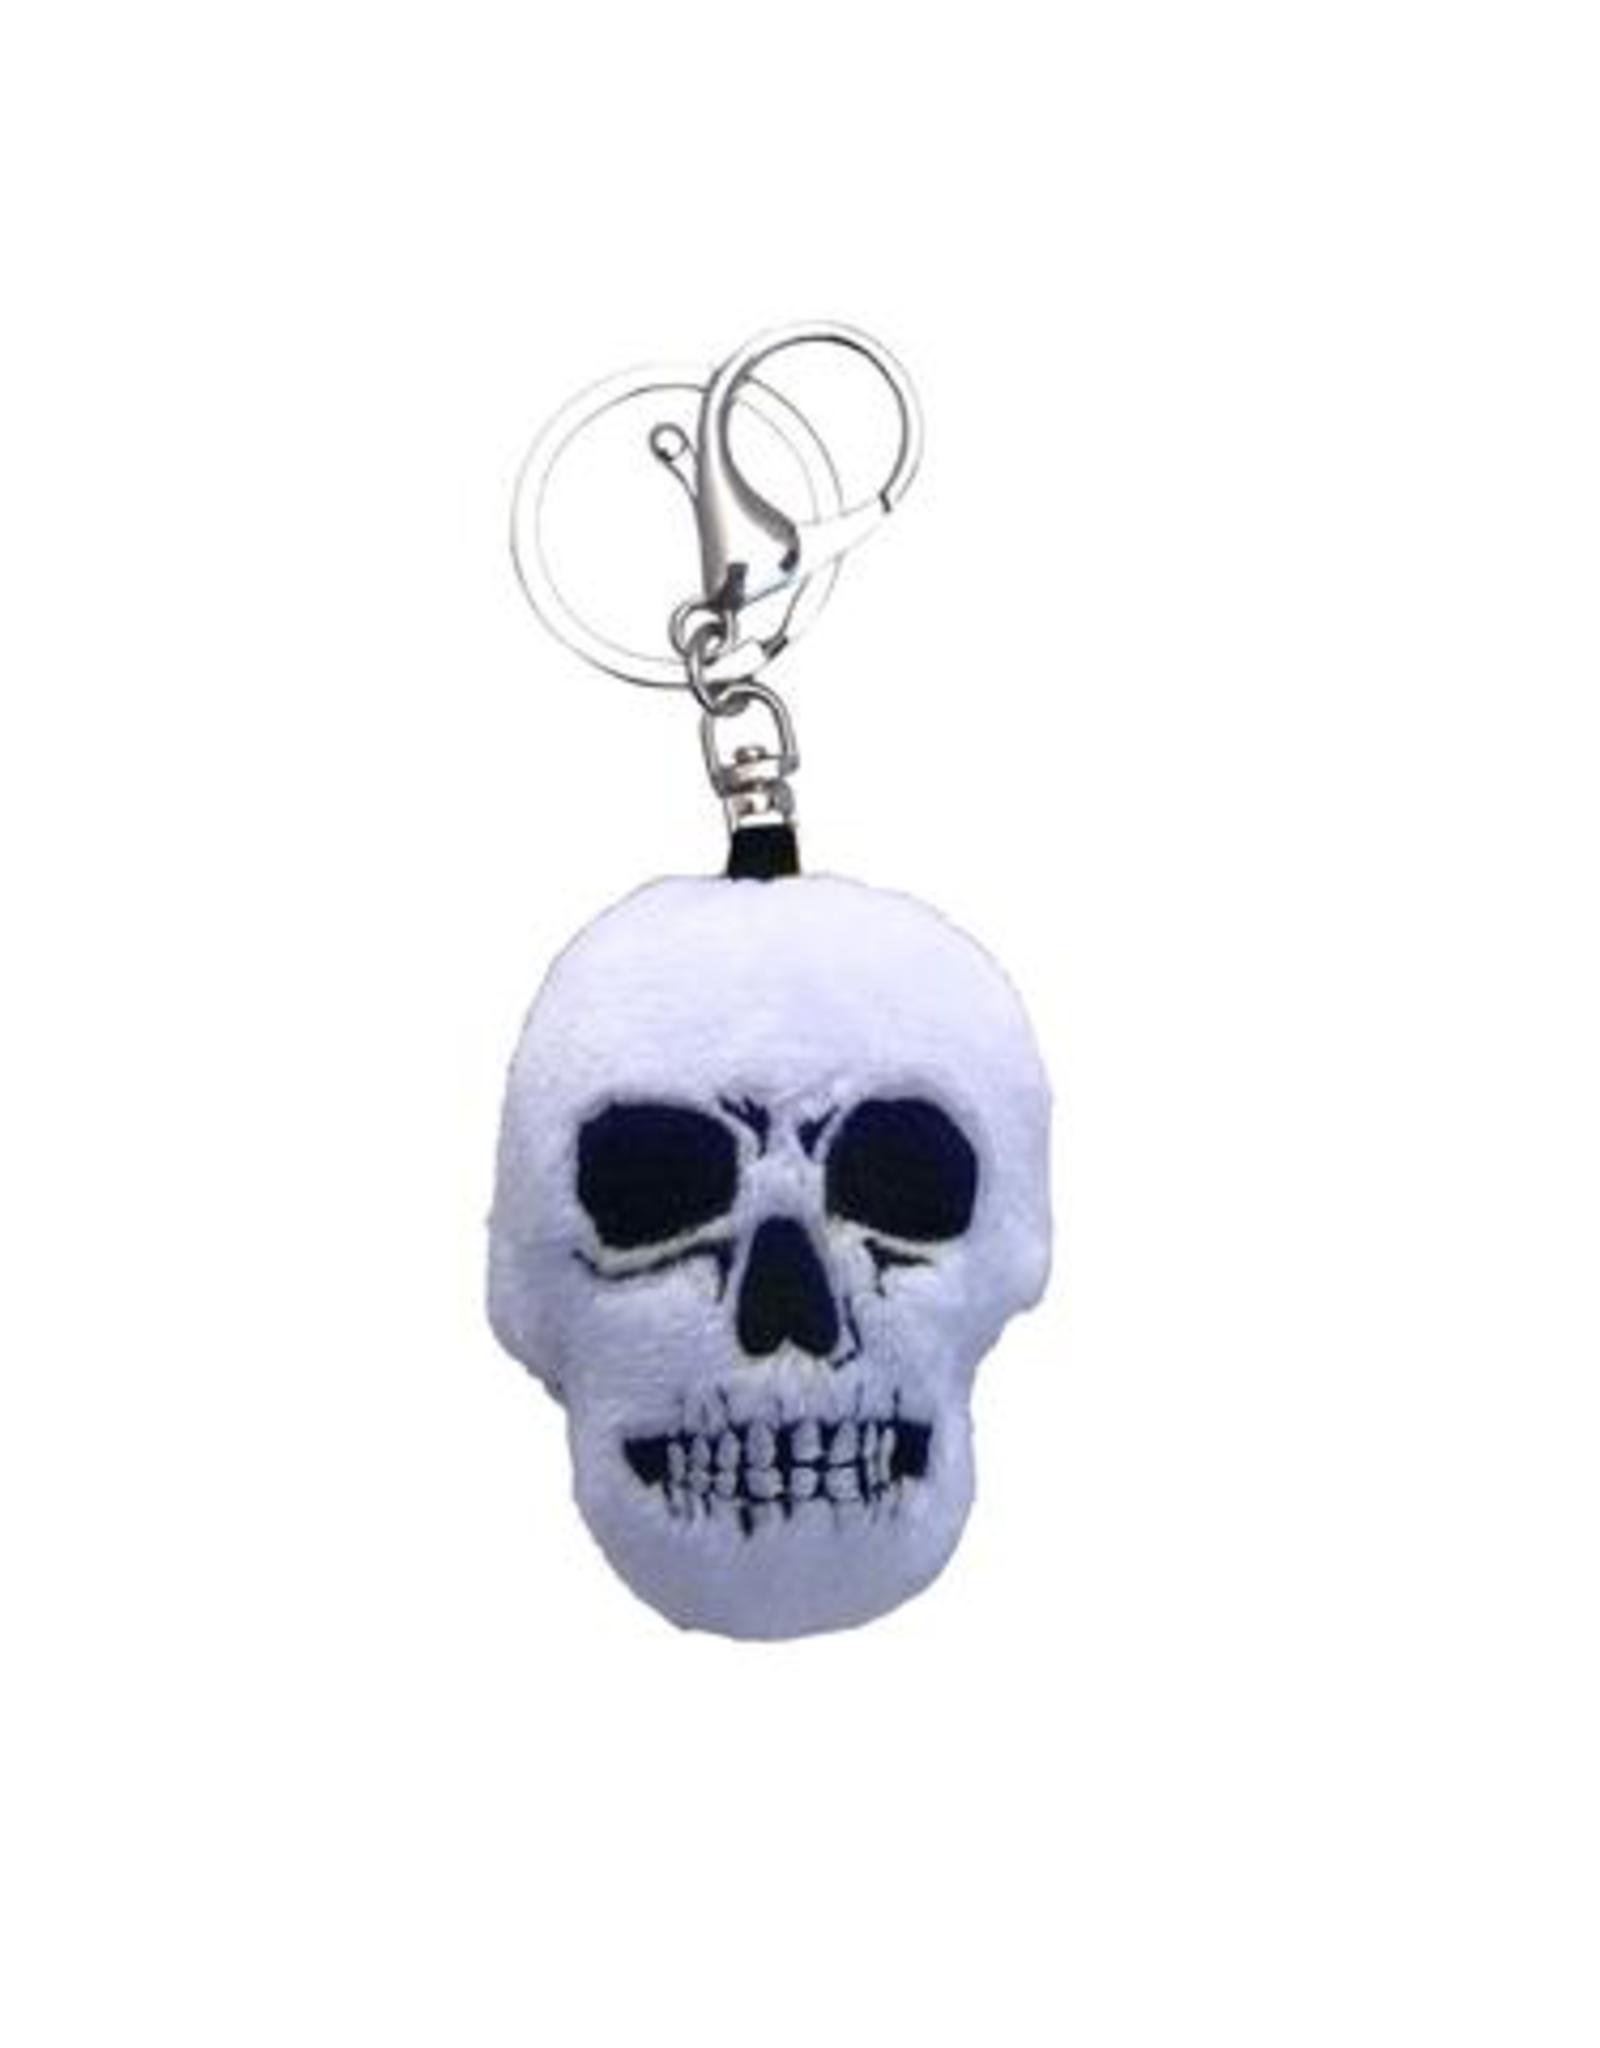 Skull Plush Keychain